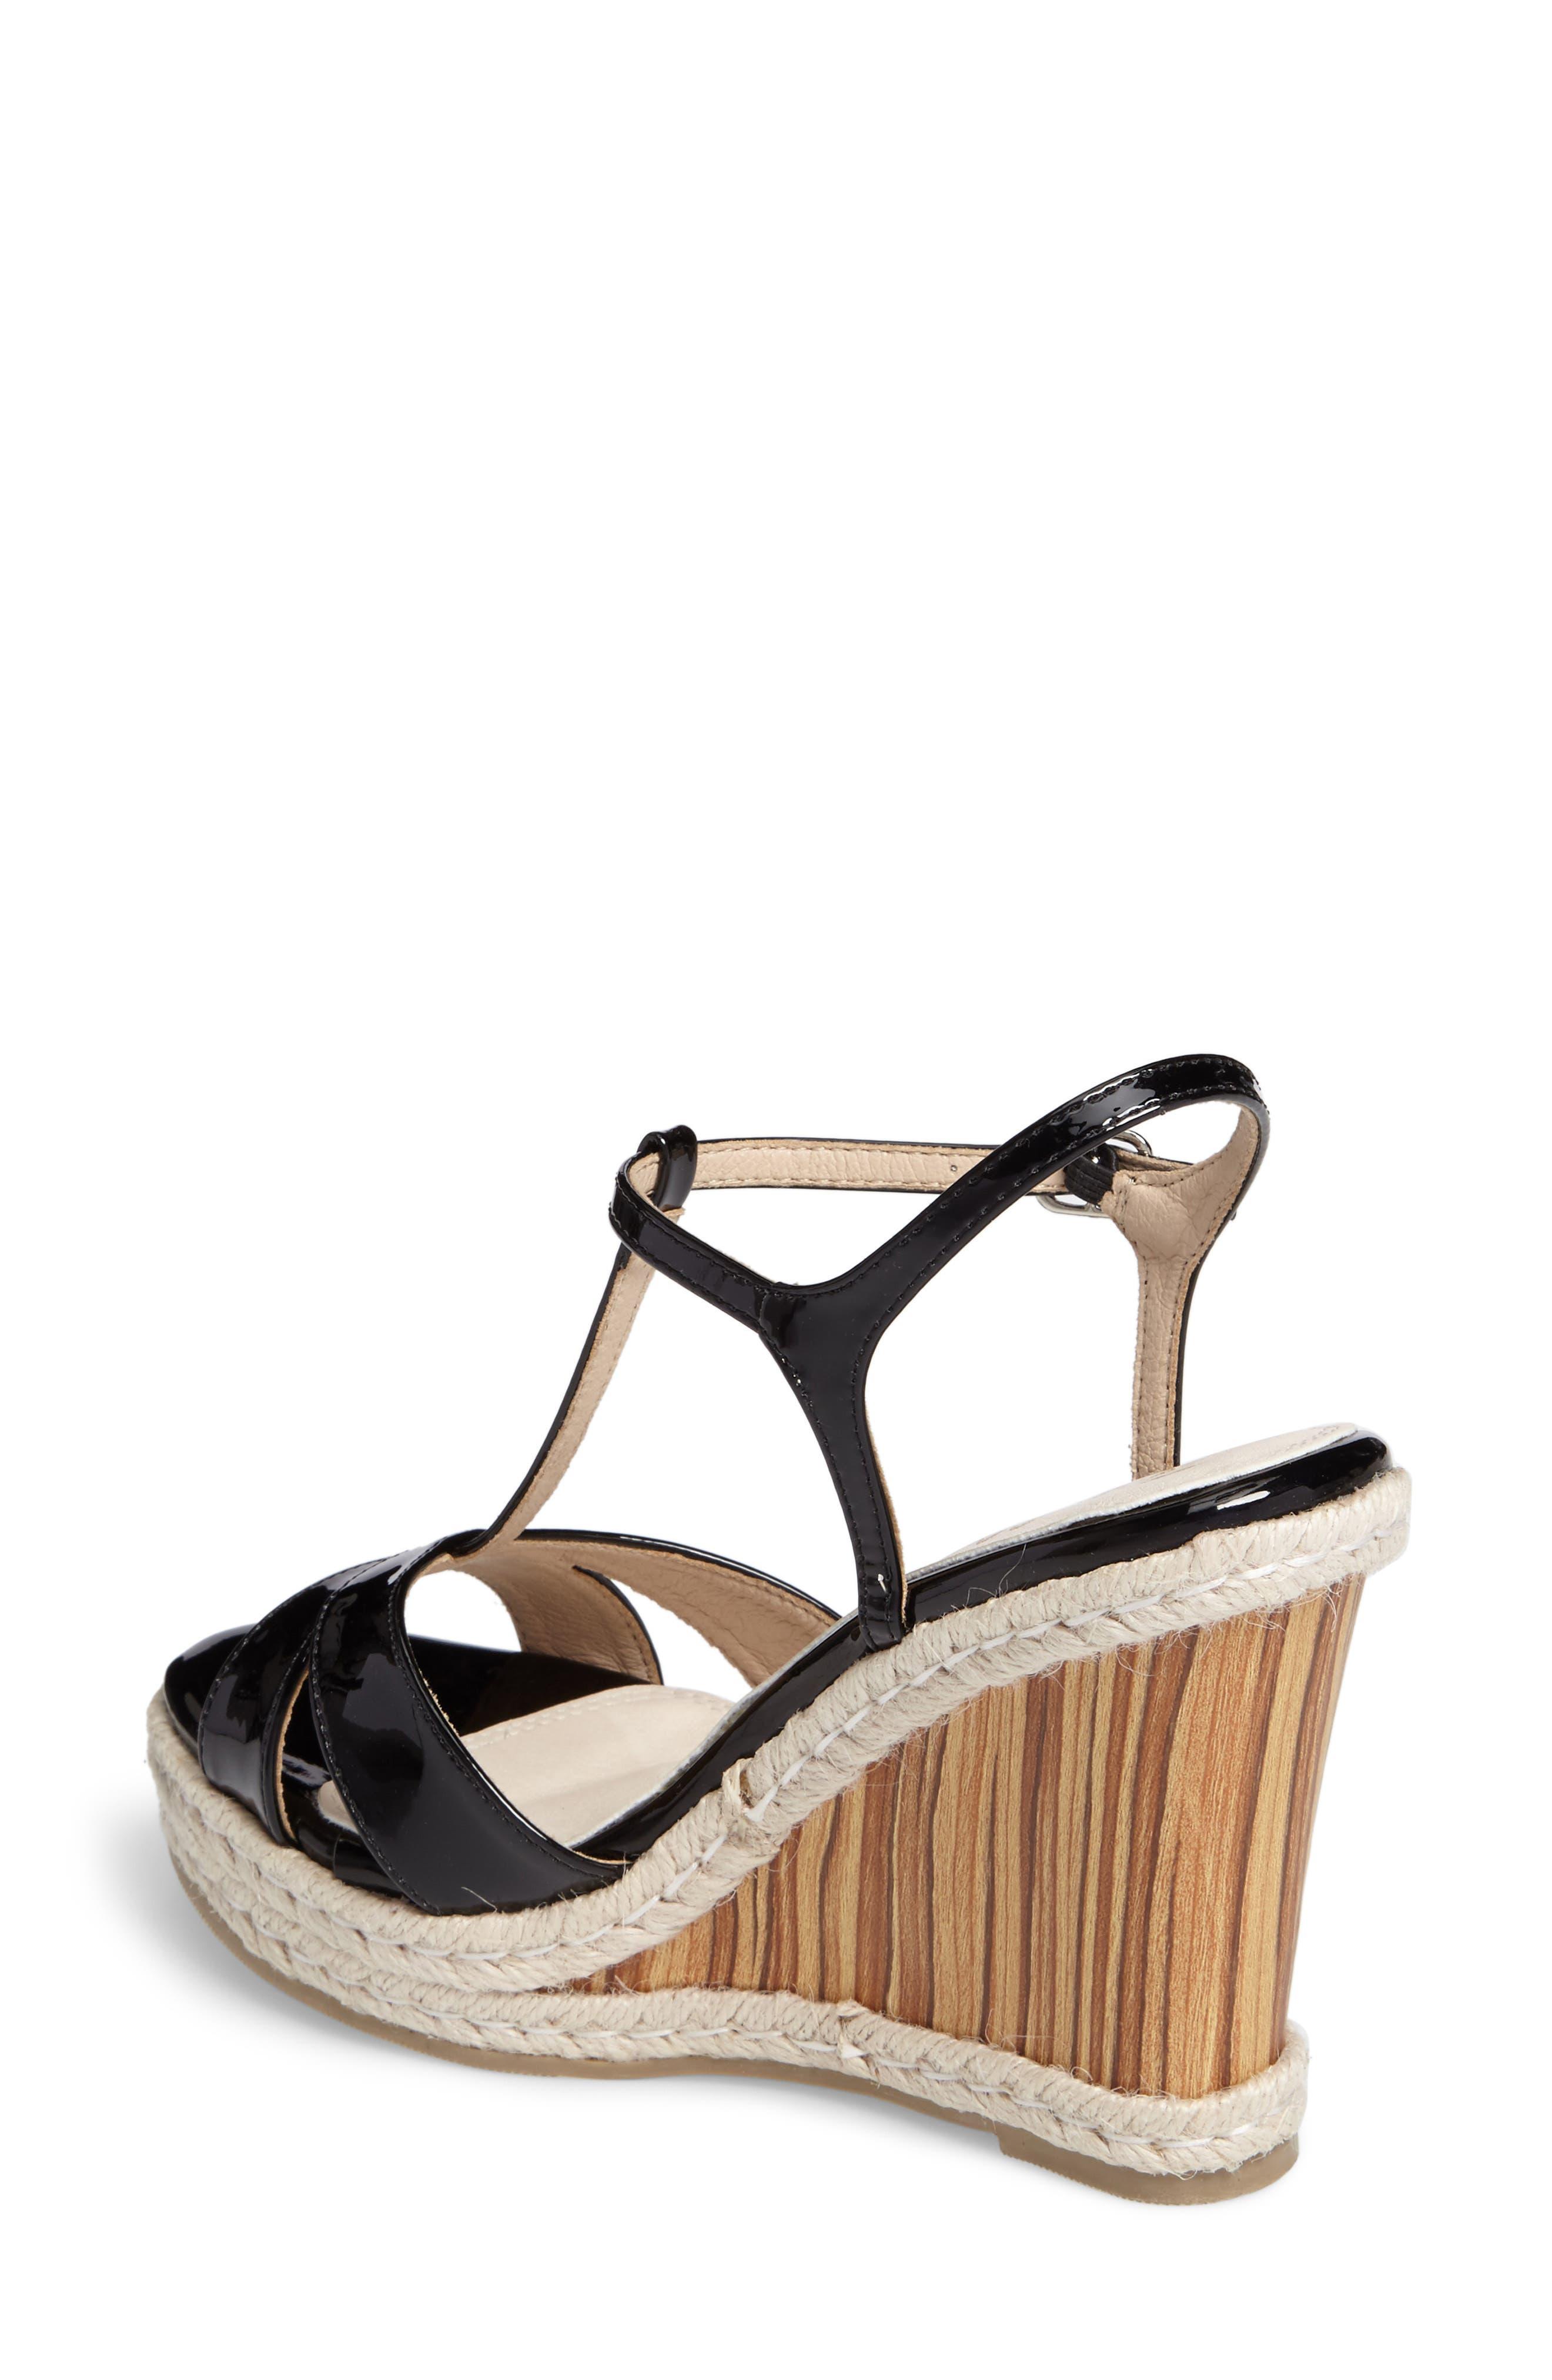 Alinna T-Strap Wedge Sandal,                             Alternate thumbnail 2, color,                             002